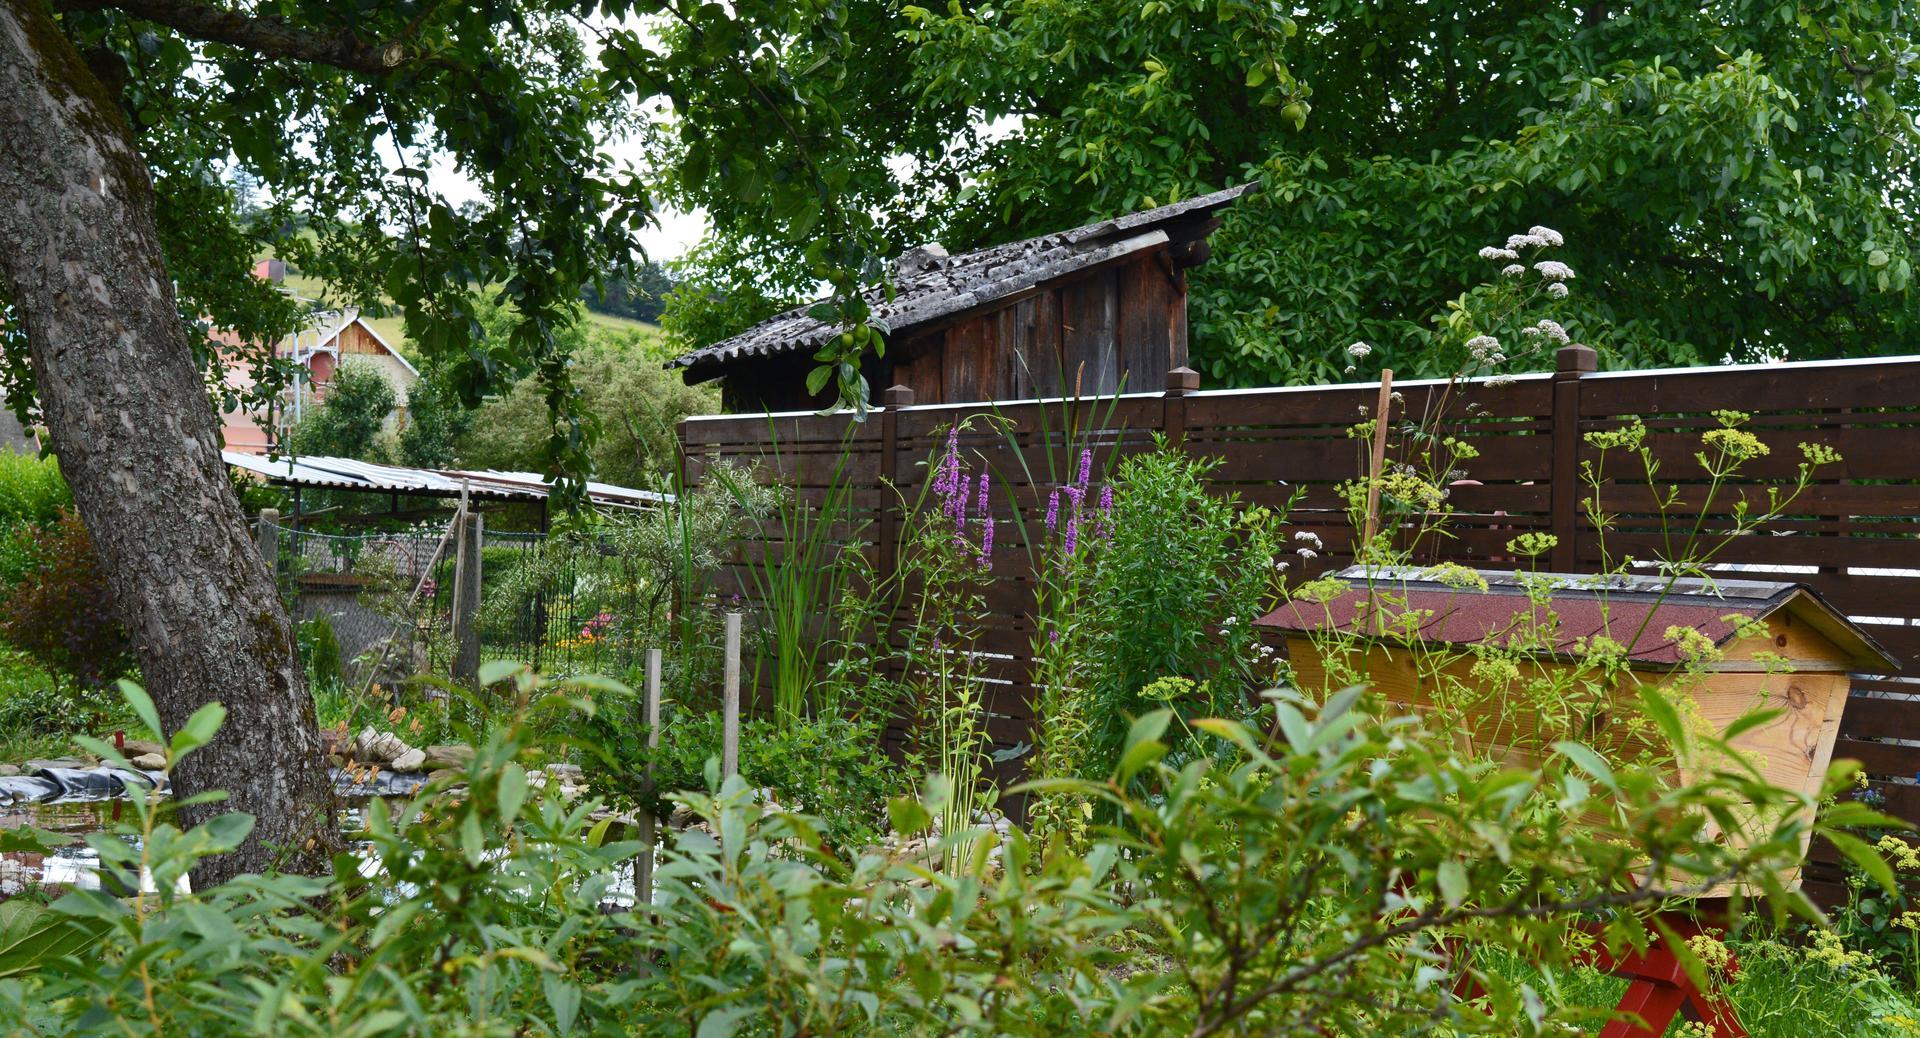 Naša prírodná perma záhradka v roku 2020 - kedysi a dnes: https://www.modrastrecha.sk/blog/ivus78/album/nasa-nielen-permakulturna-zahradka-44mdg9/16281921/